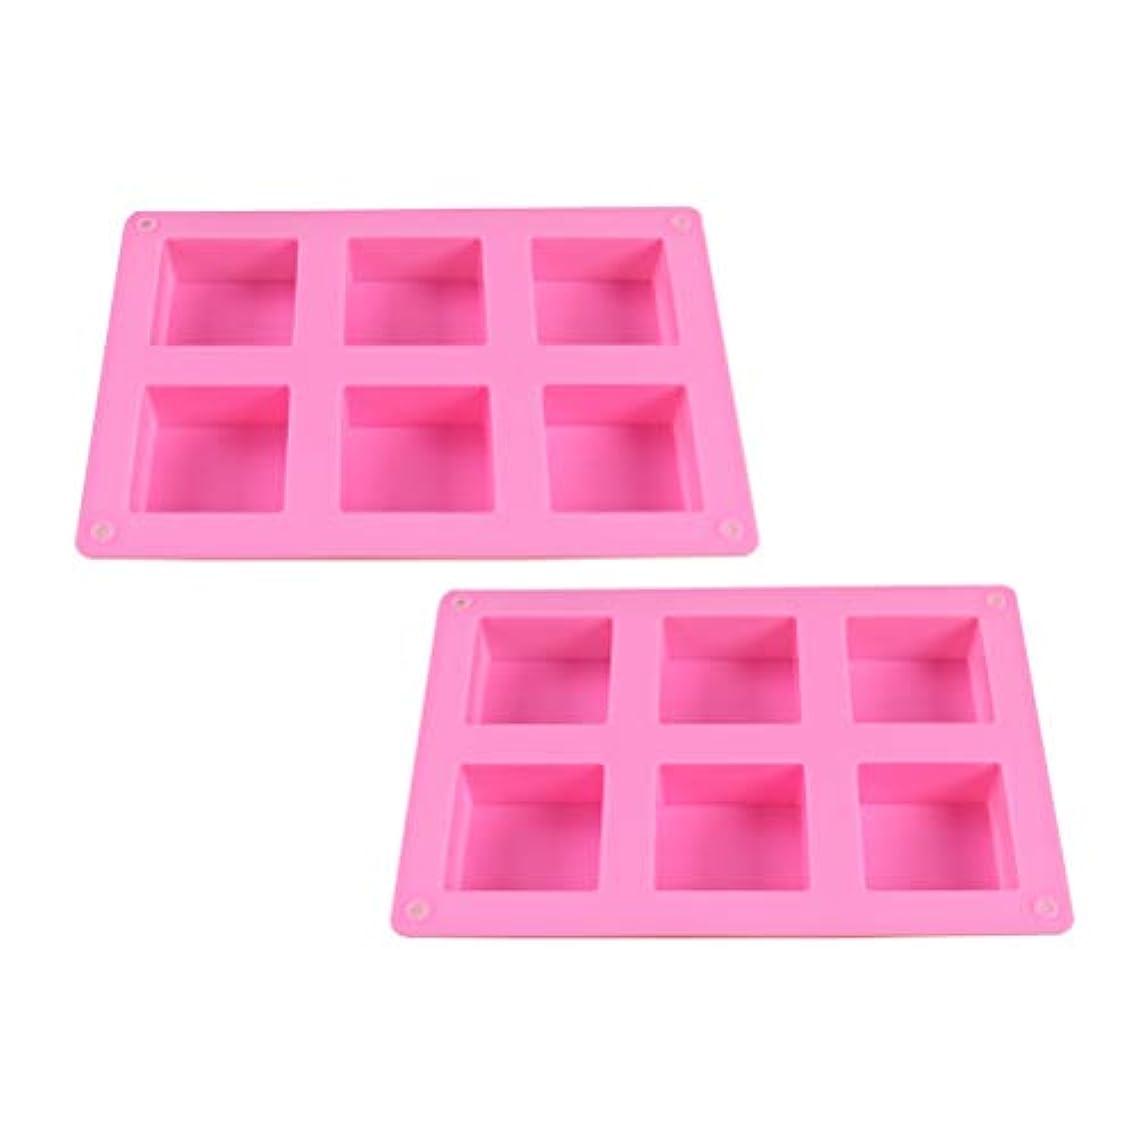 覚えている信頼性のあるエトナ山HEALIFTY DIYのケーキのベーキング型のための6つのキャビティシリコーンの石鹸型との石鹸作りのための2PCS石鹸型